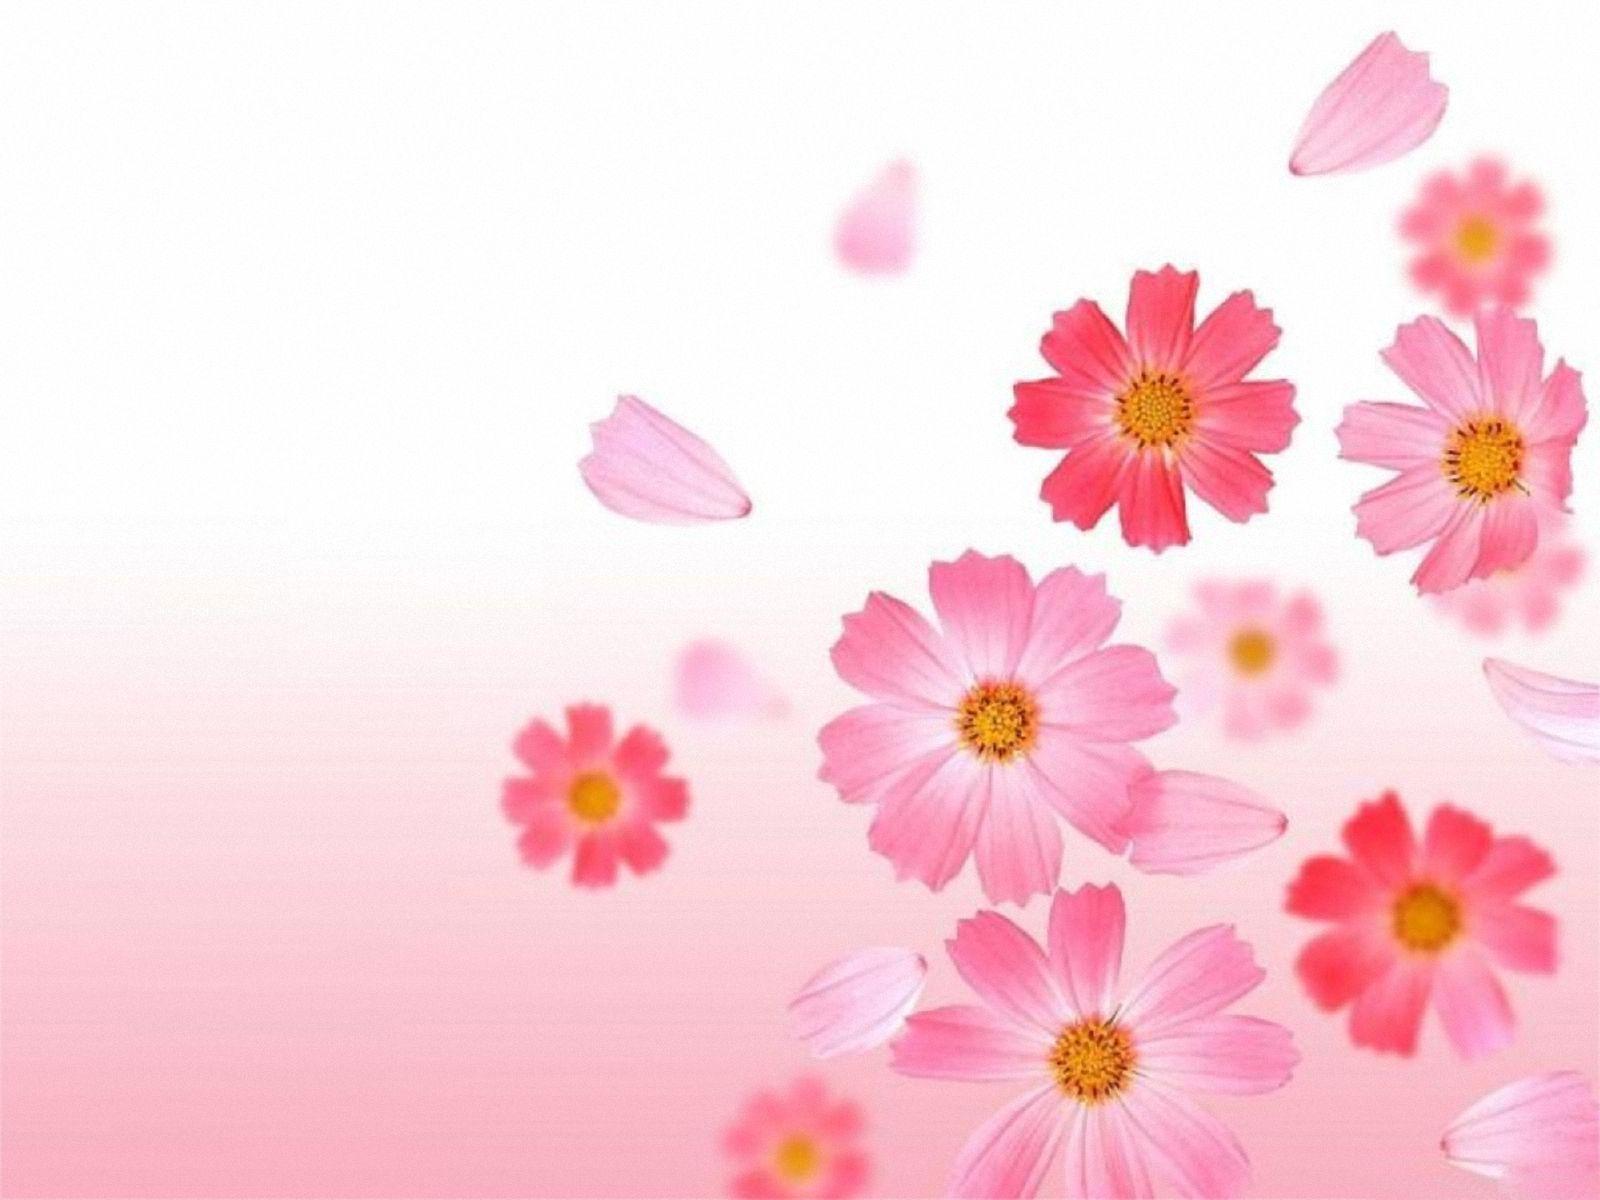 Imagenes De Fondo Flores Para Pantalla Hd 2: Fondos De Flores Gratis Para Fondo De Pantalla En 4K 11 HD